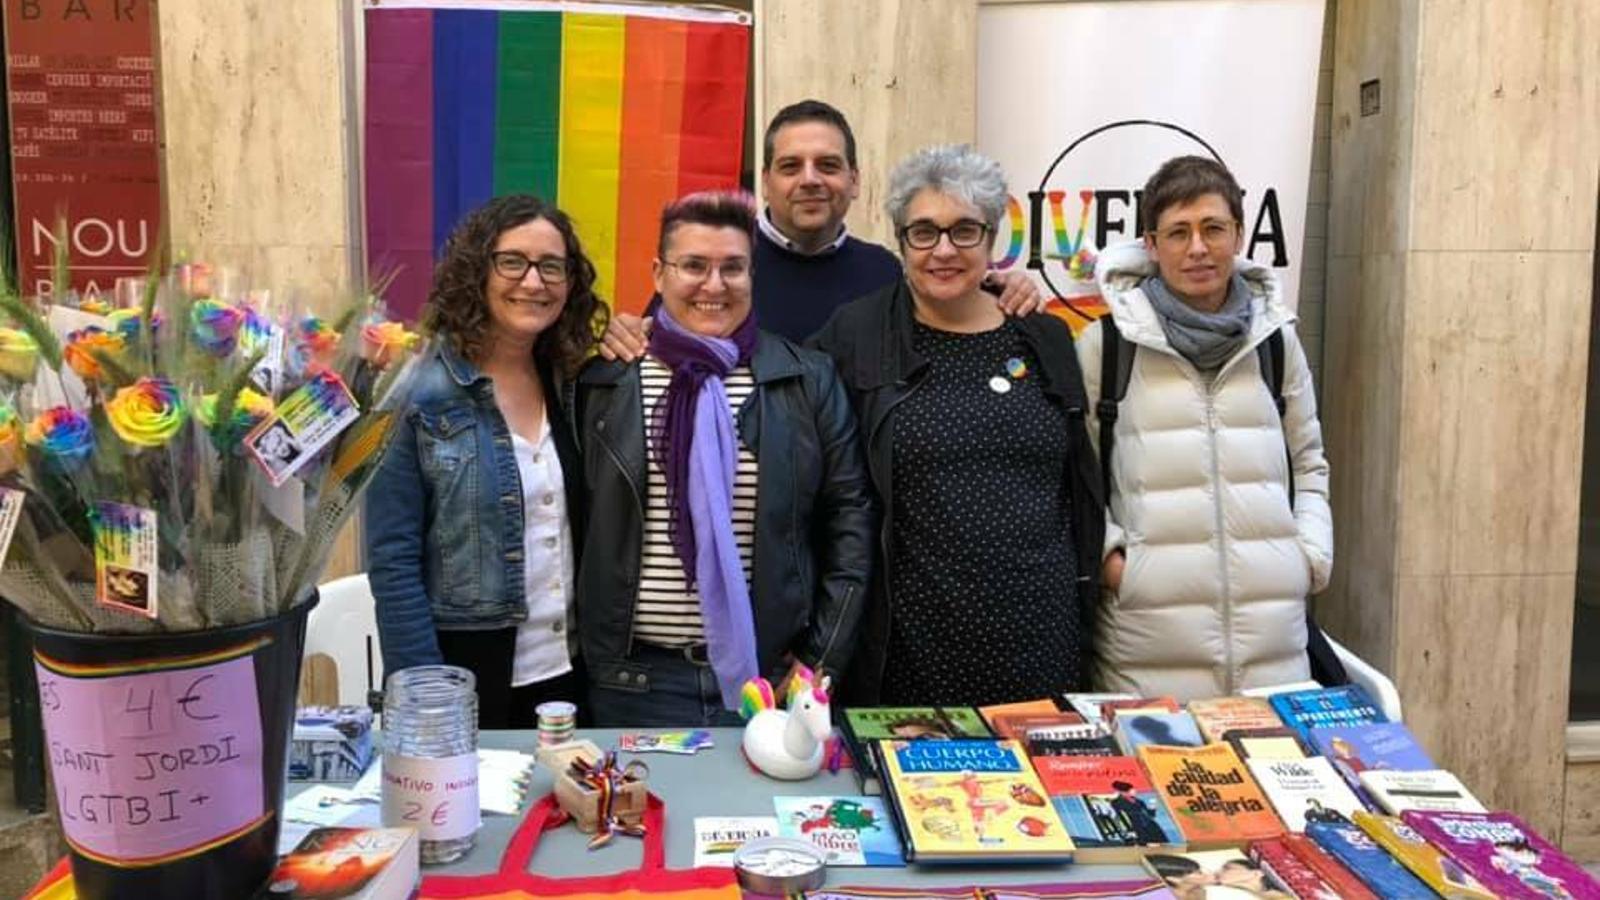 L'entitat ha rebut des d'un primer moment el suport institucional i de la societat menorquina.